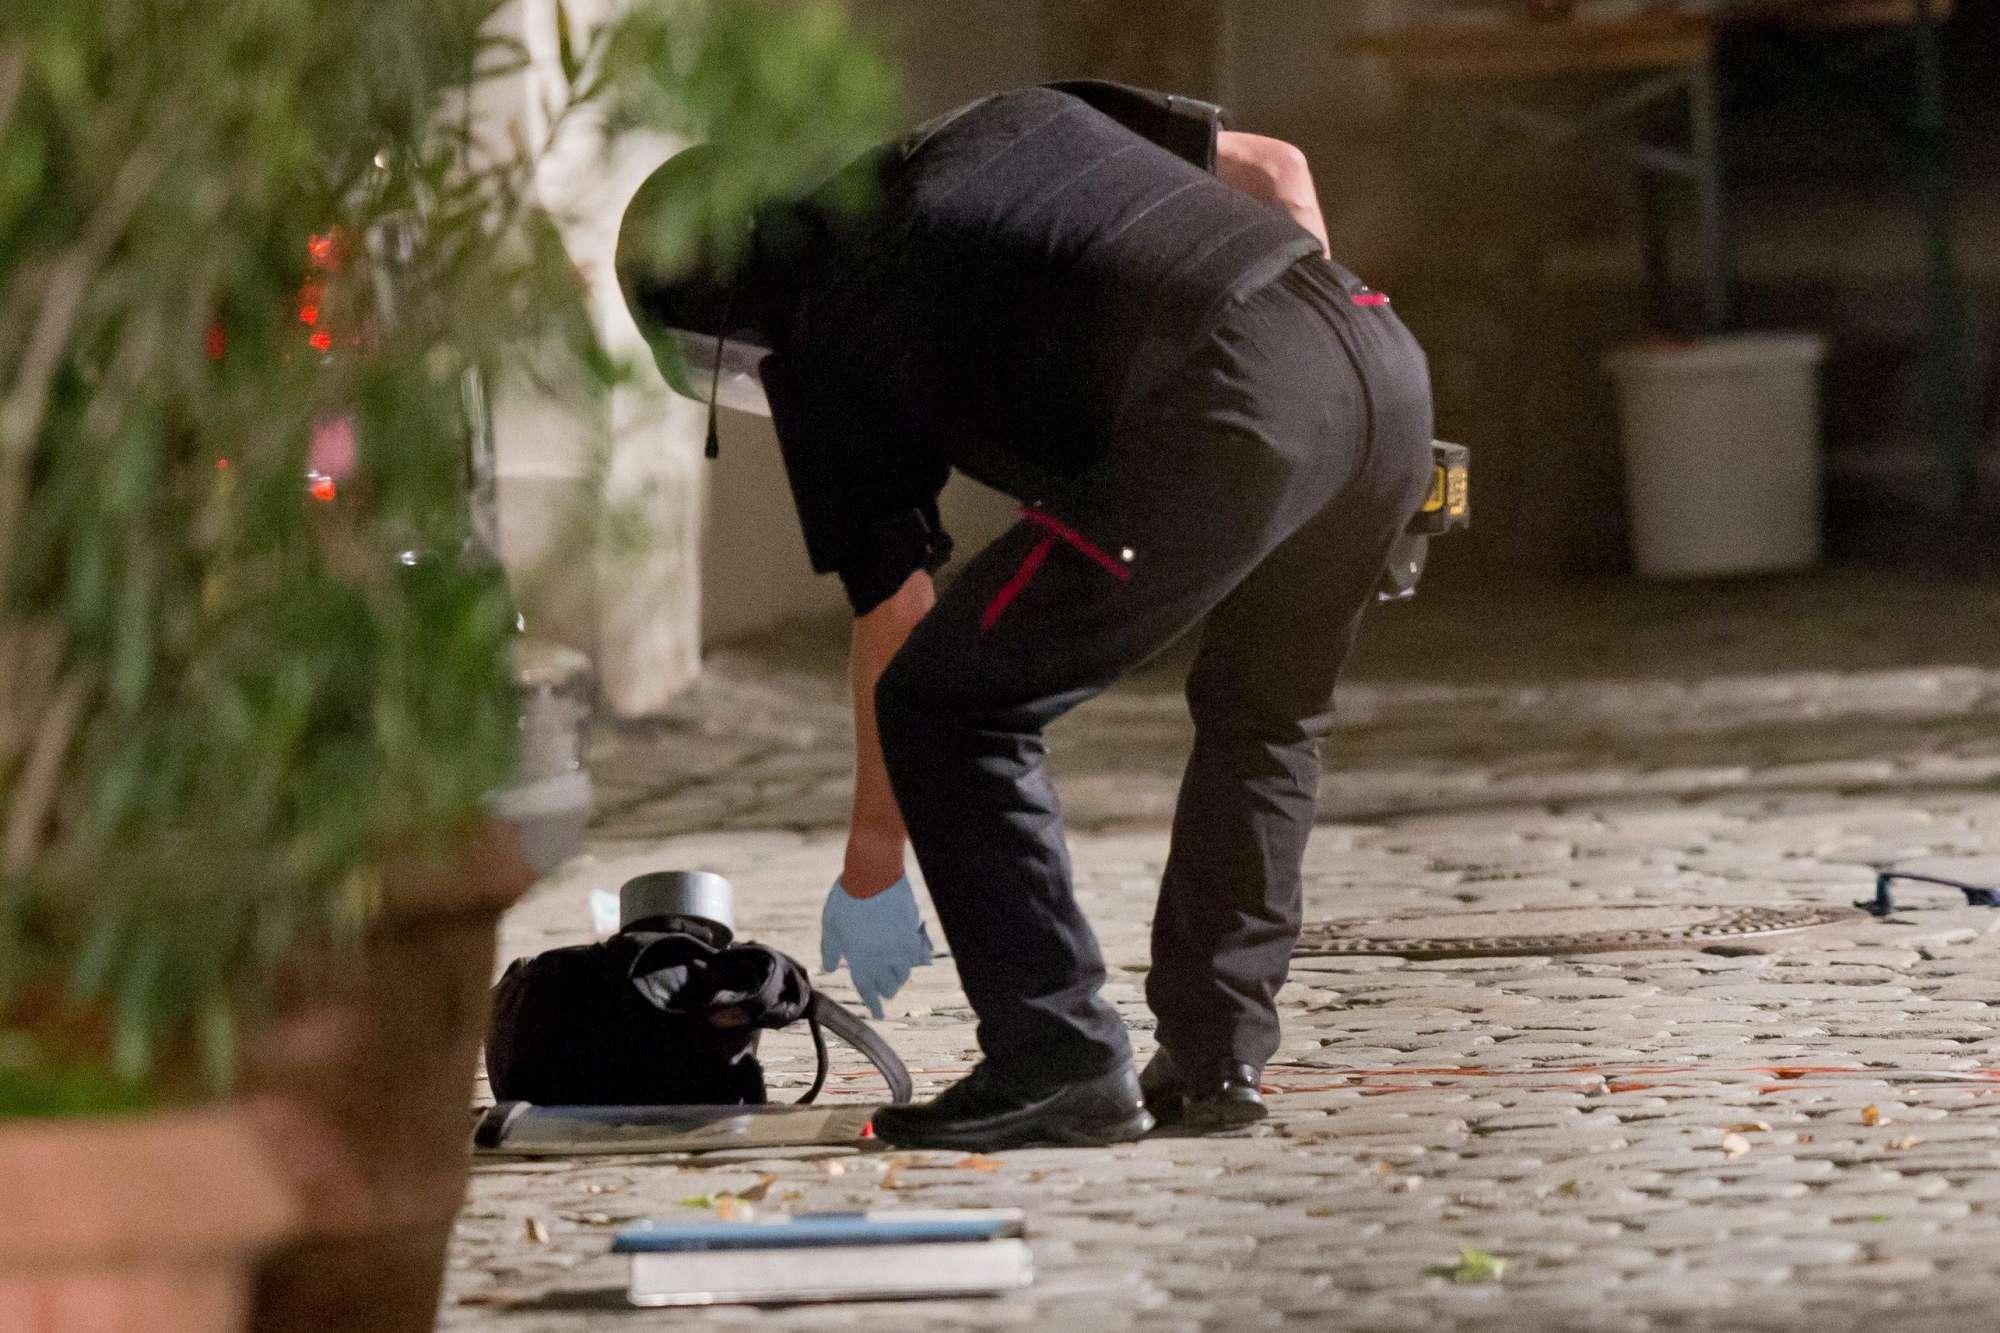 Germania, esplosione in un ristorante ad Ansbach: un morto, almeno 10 feriti